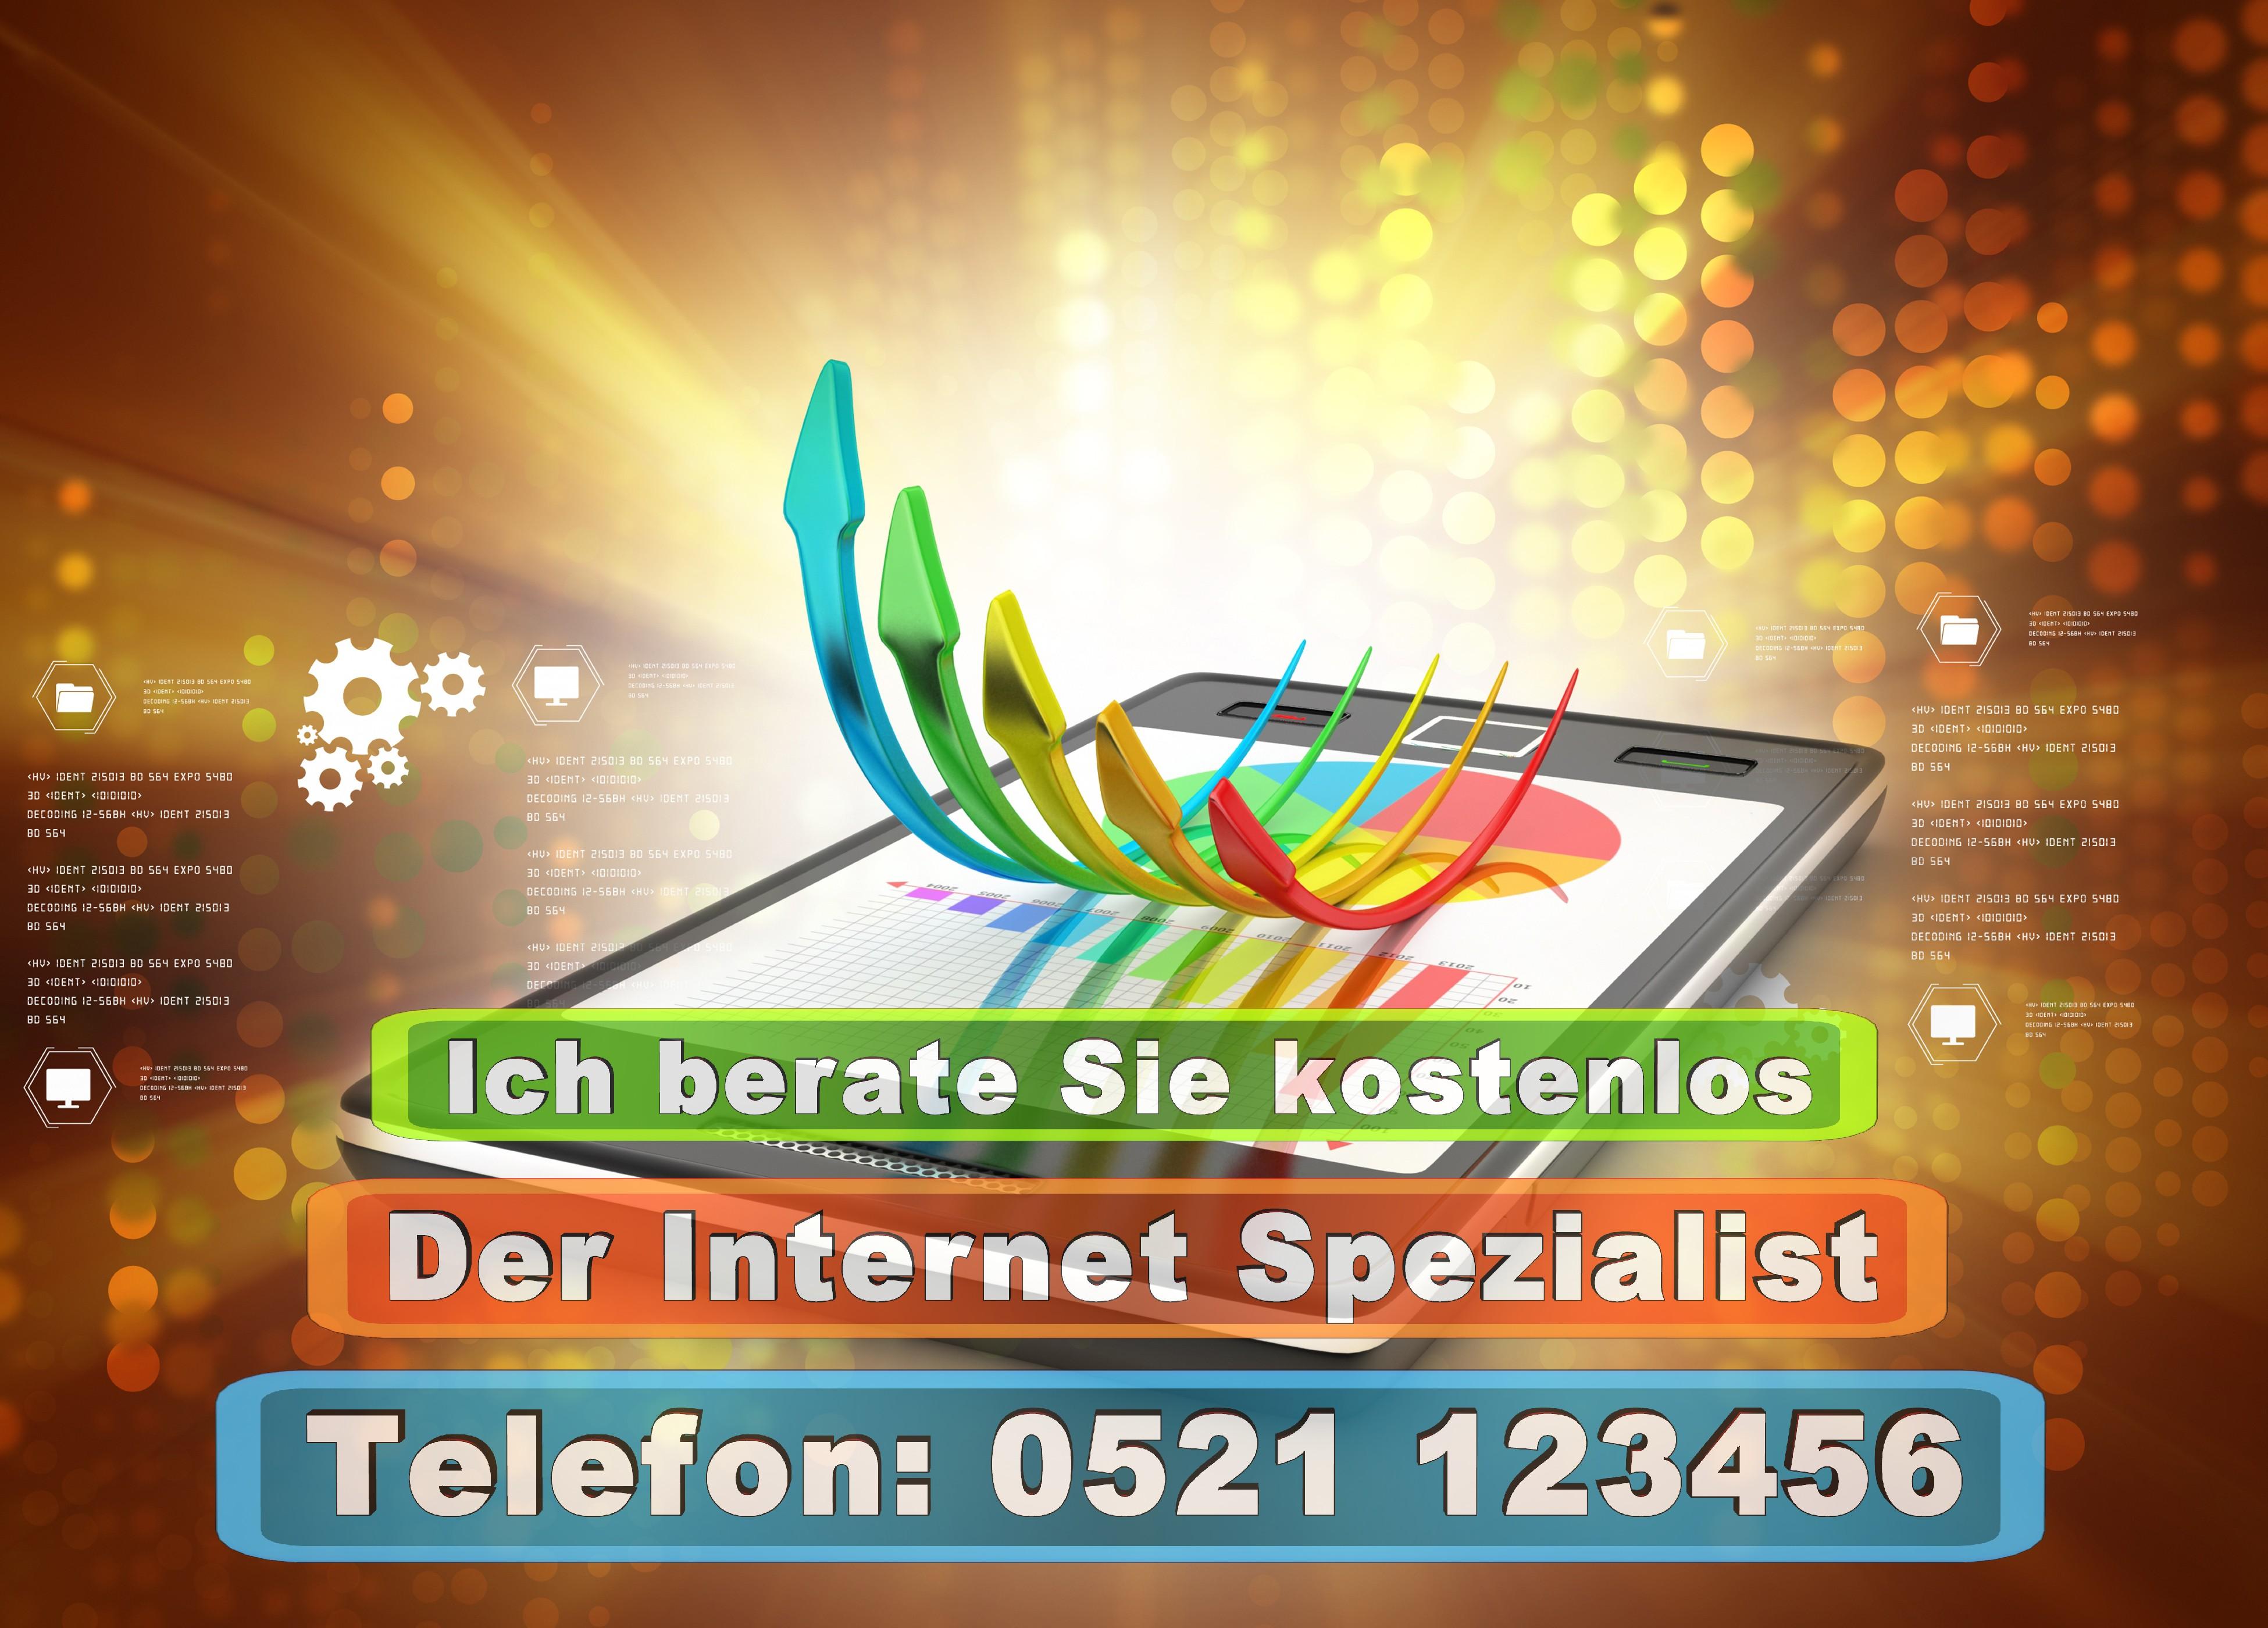 Werbeagentur Bielefeld Druckerei Bielefeld Prospekte Zeitung Visitenkarten Poster Werbung Print Presse Druck Fotografie Fotos Internet (25)